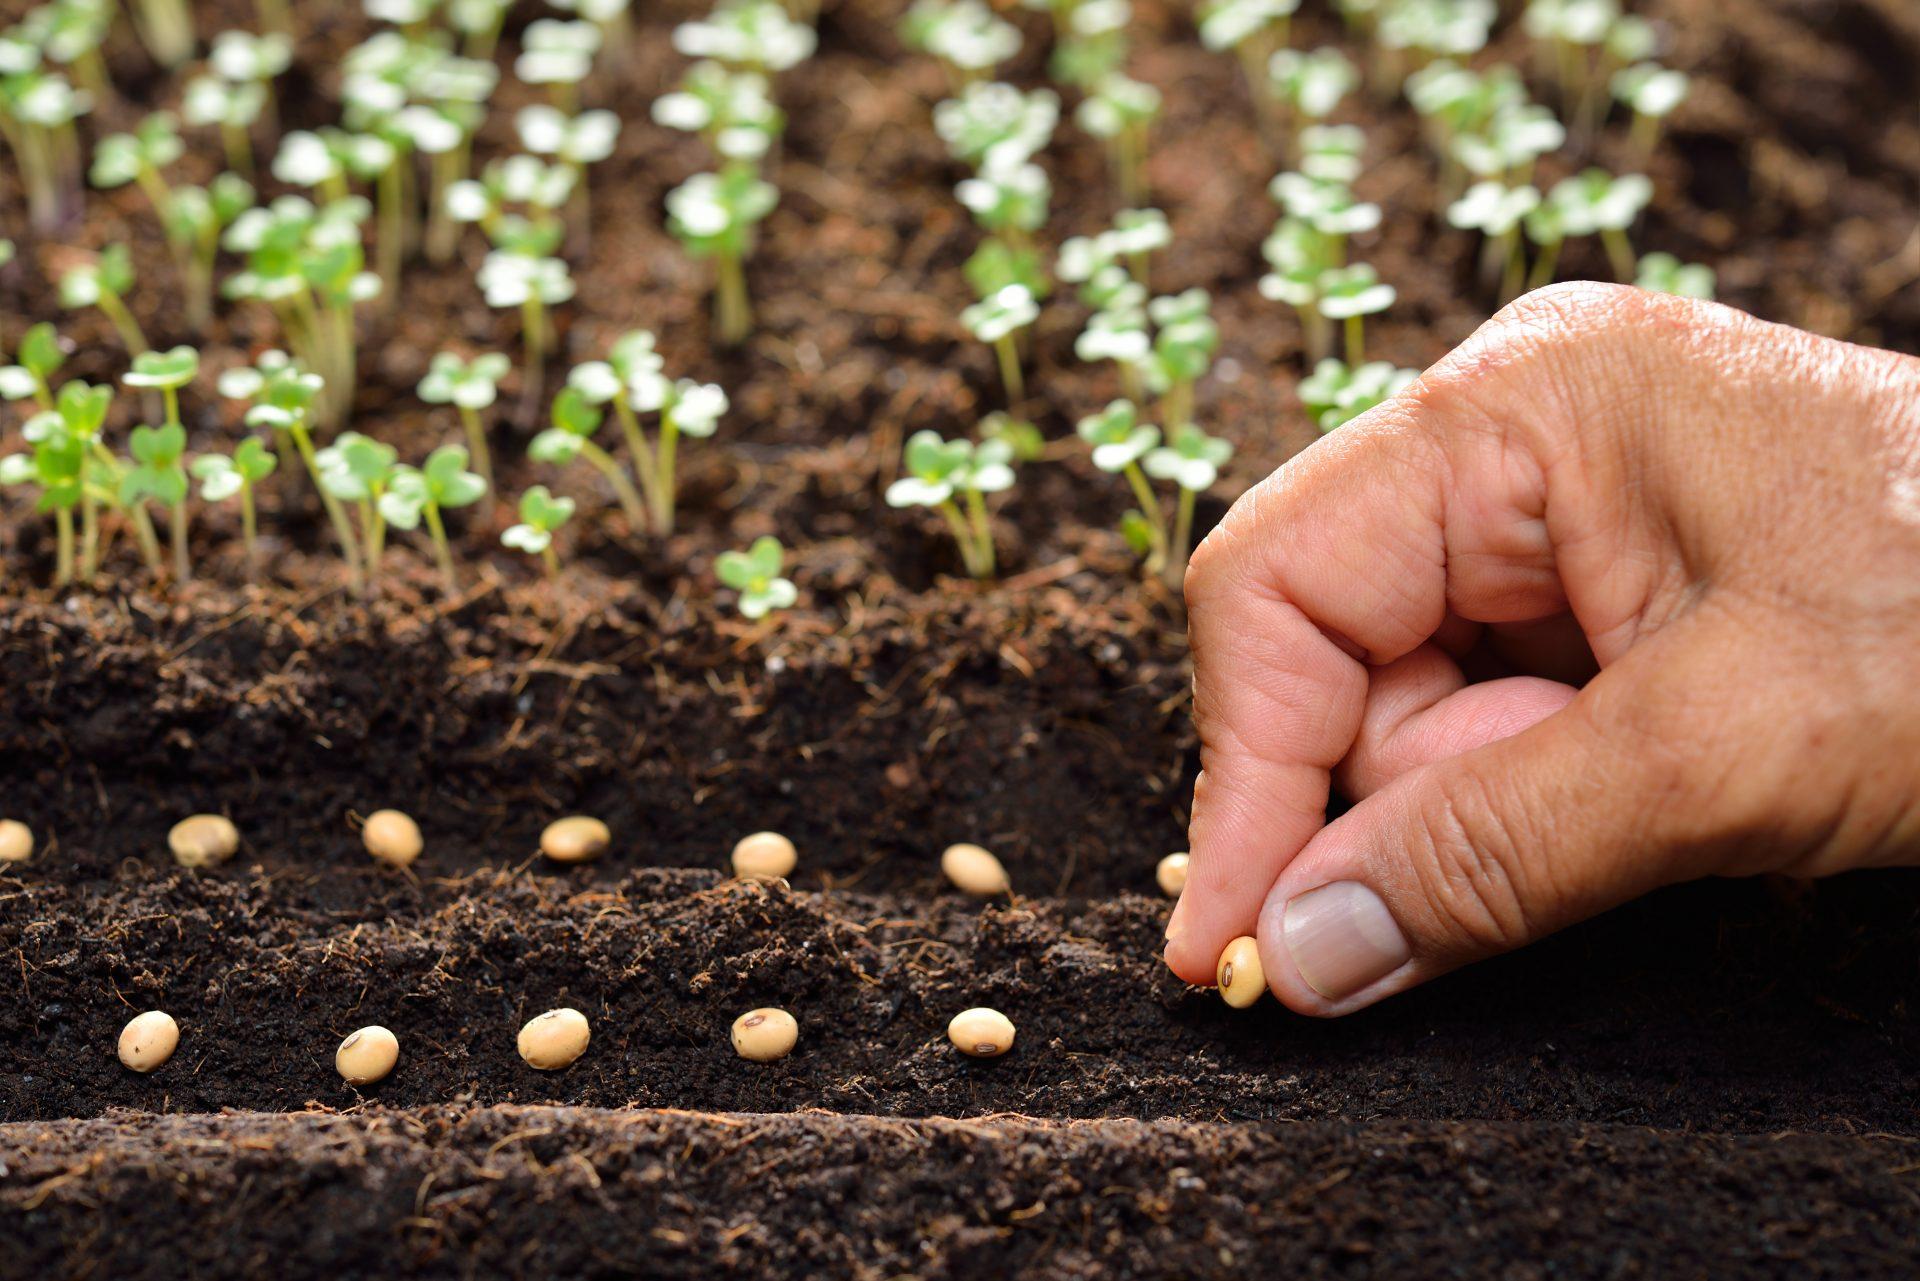 débuter jardinage